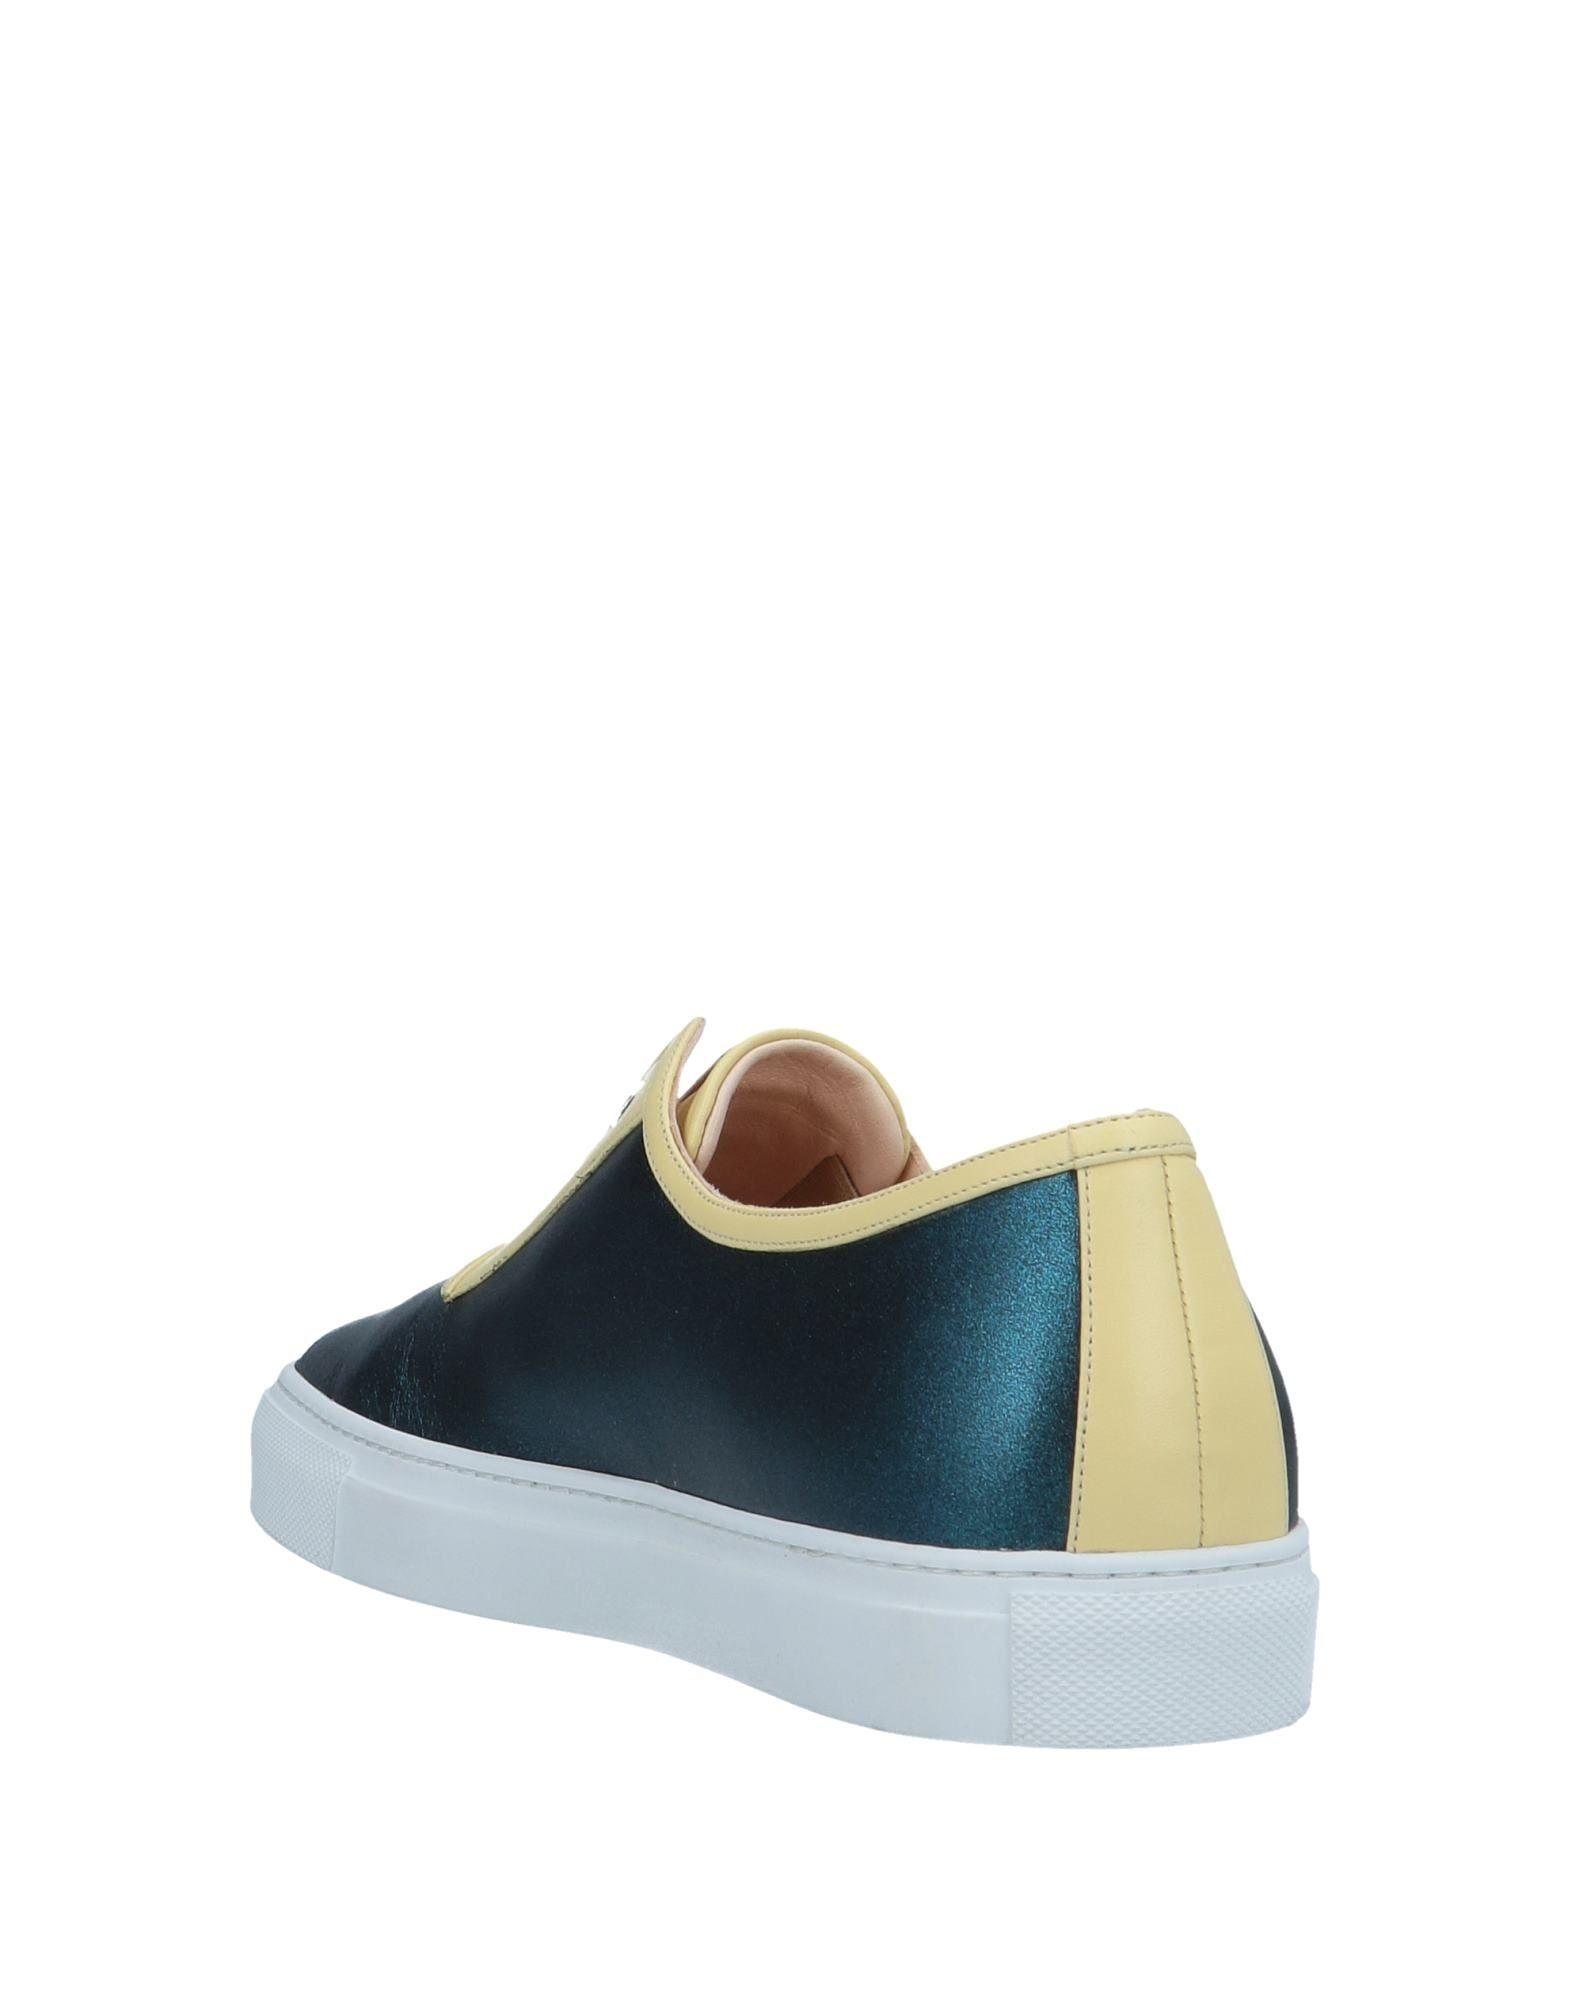 Rodo sich Sneakers Damen Gutes Preis-Leistungs-Verhältnis, es lohnt sich Rodo 33a922